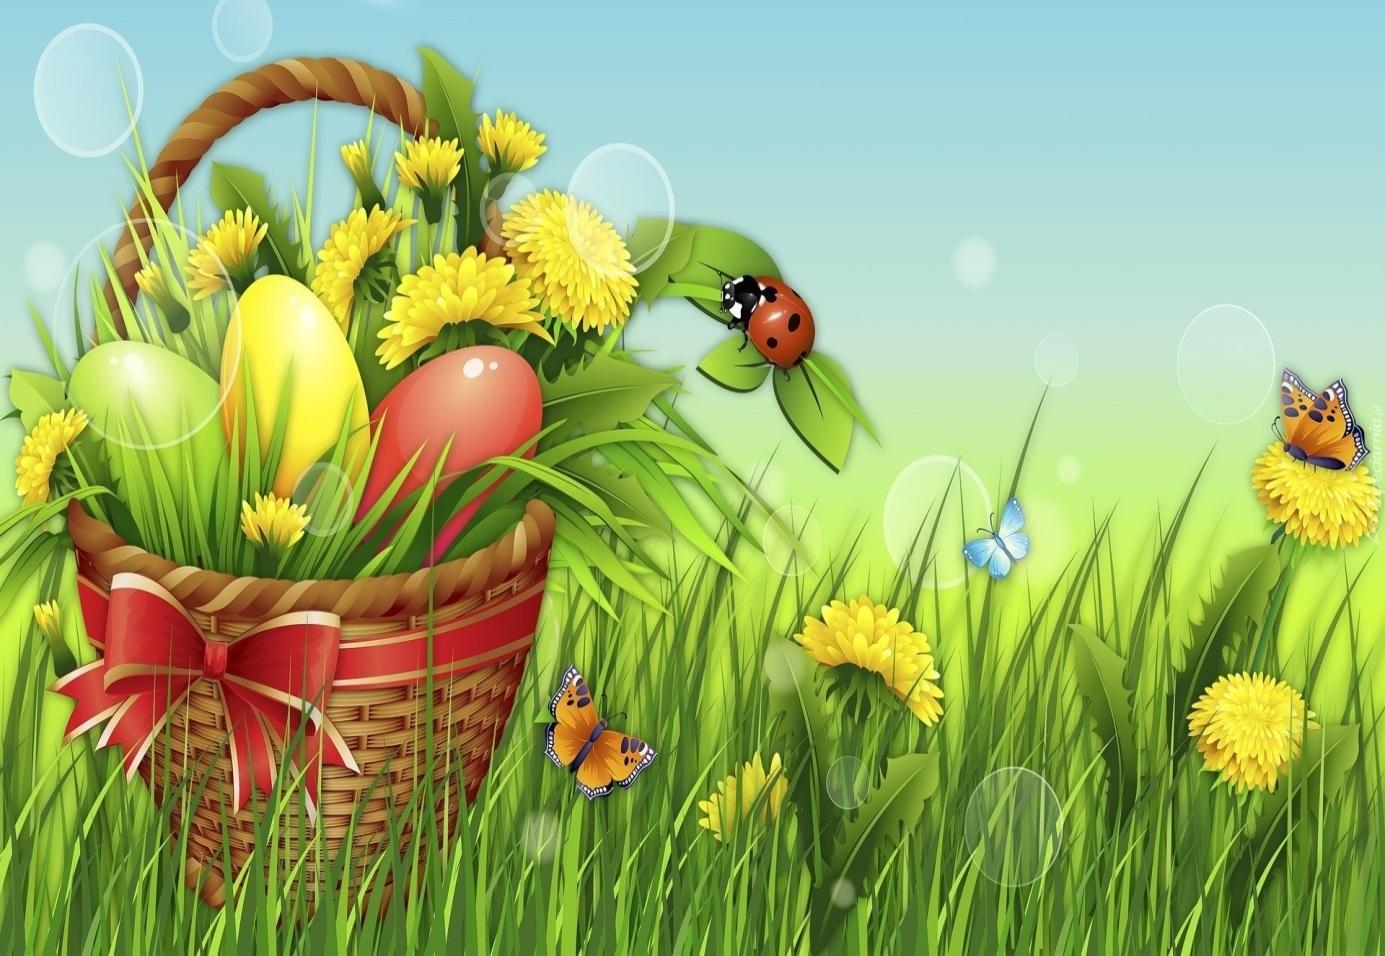 Koszyczek z jajkami i kwiatami na łące